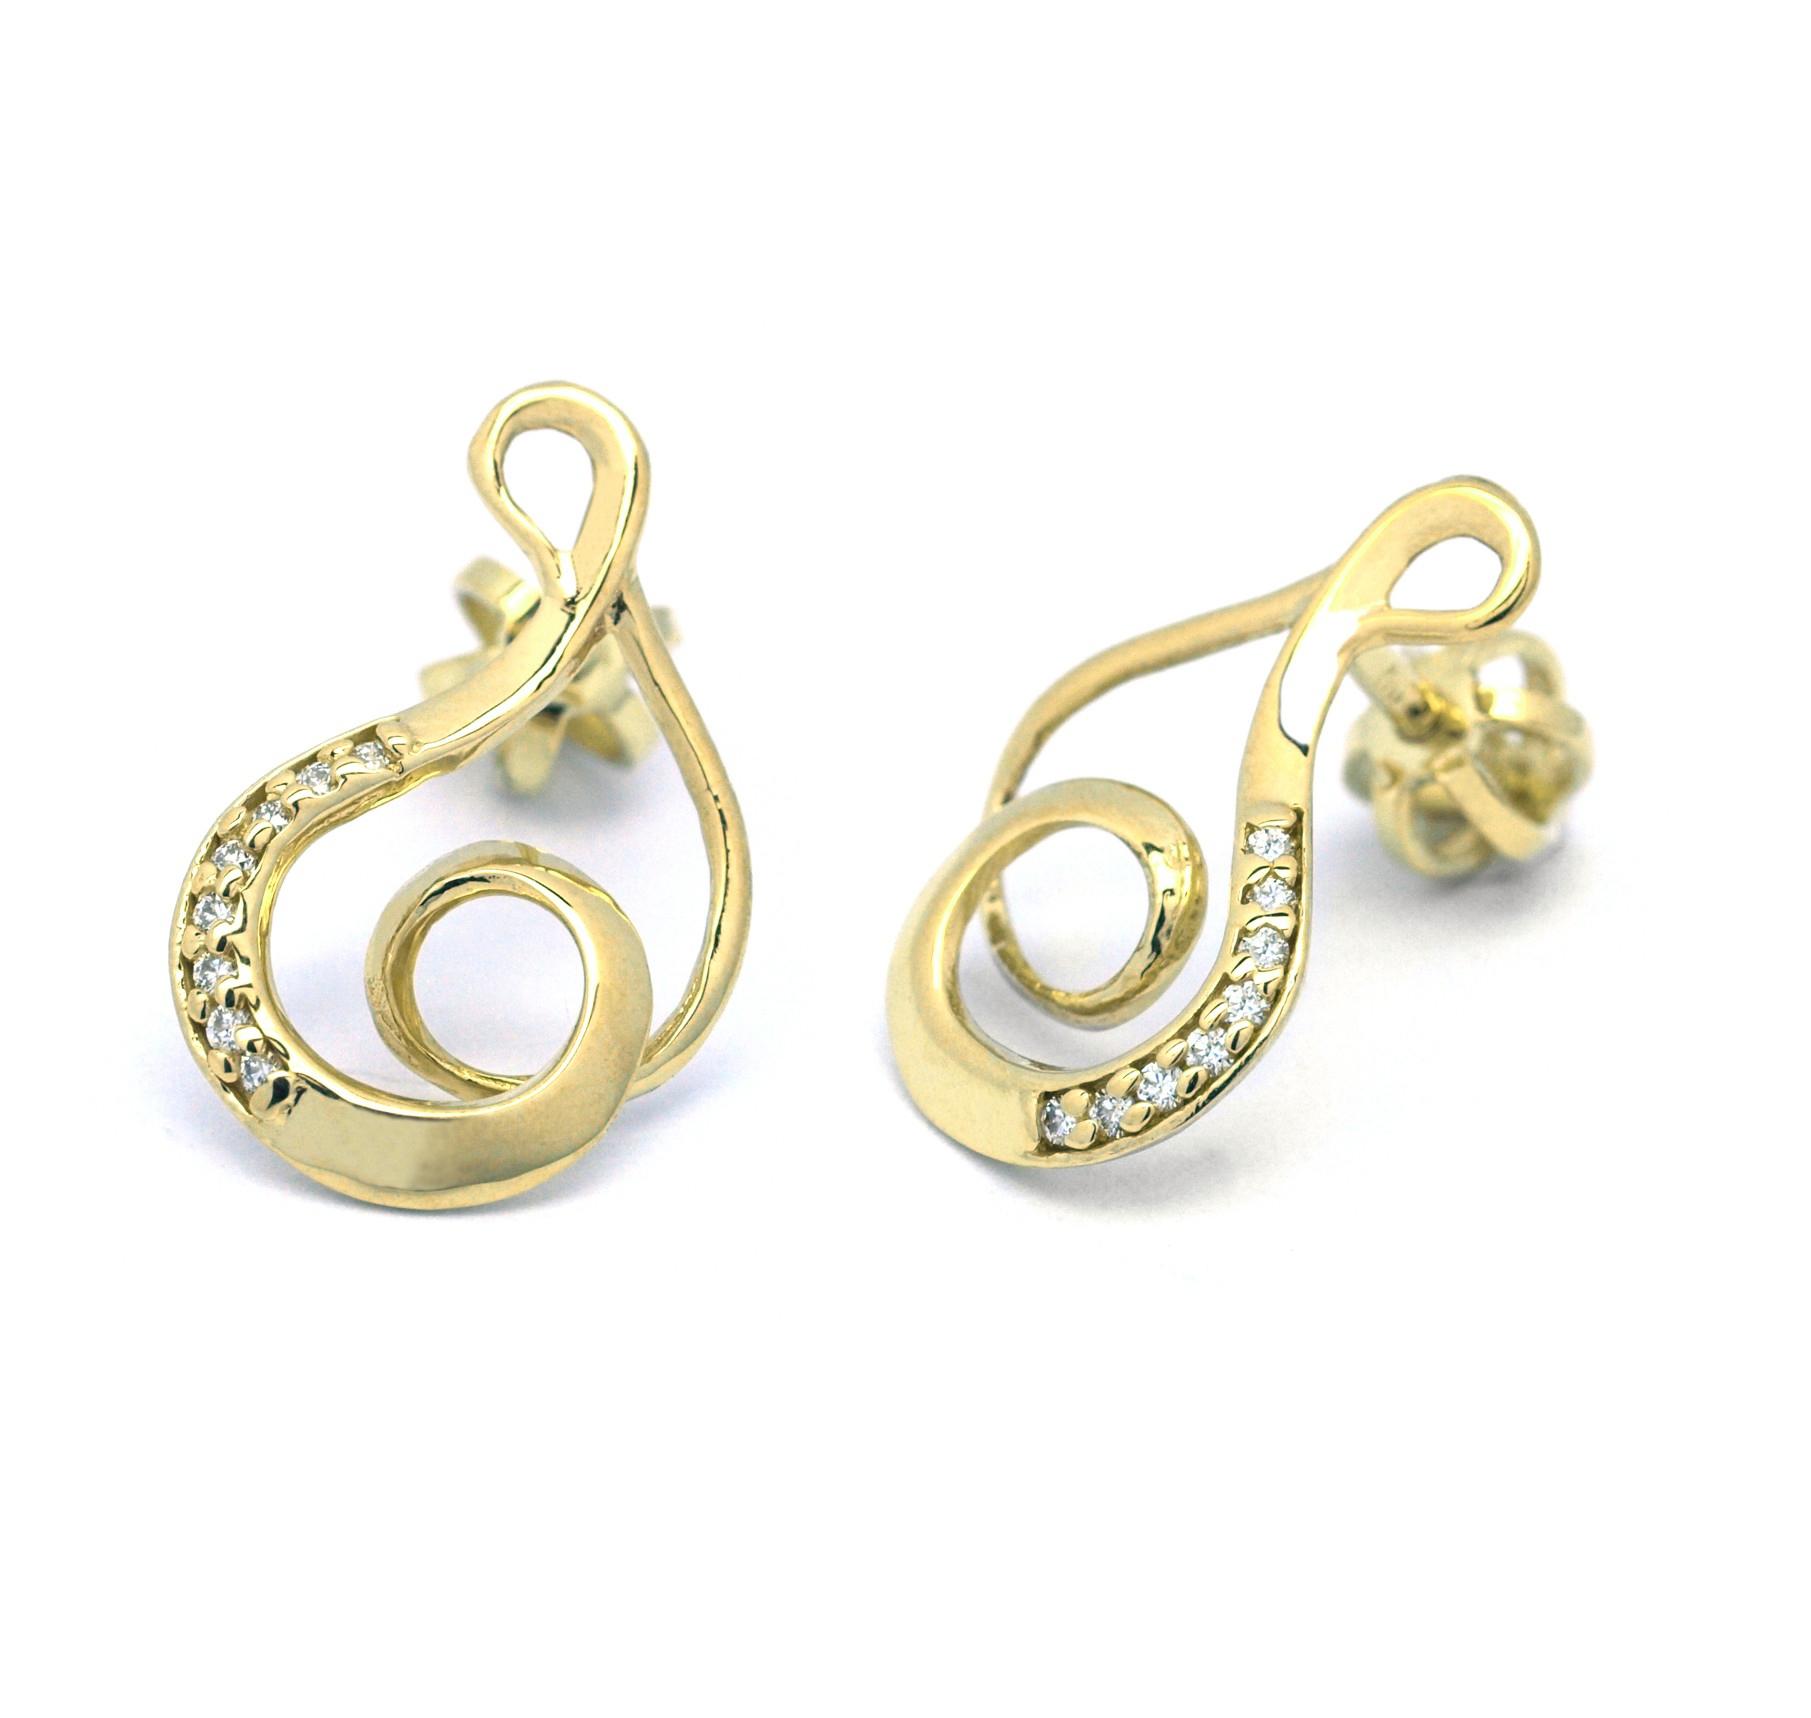 6b573e55c Zlaté náušnice s diamanty ze žlutého zlata ručně vyrobené J-29927-18 ...